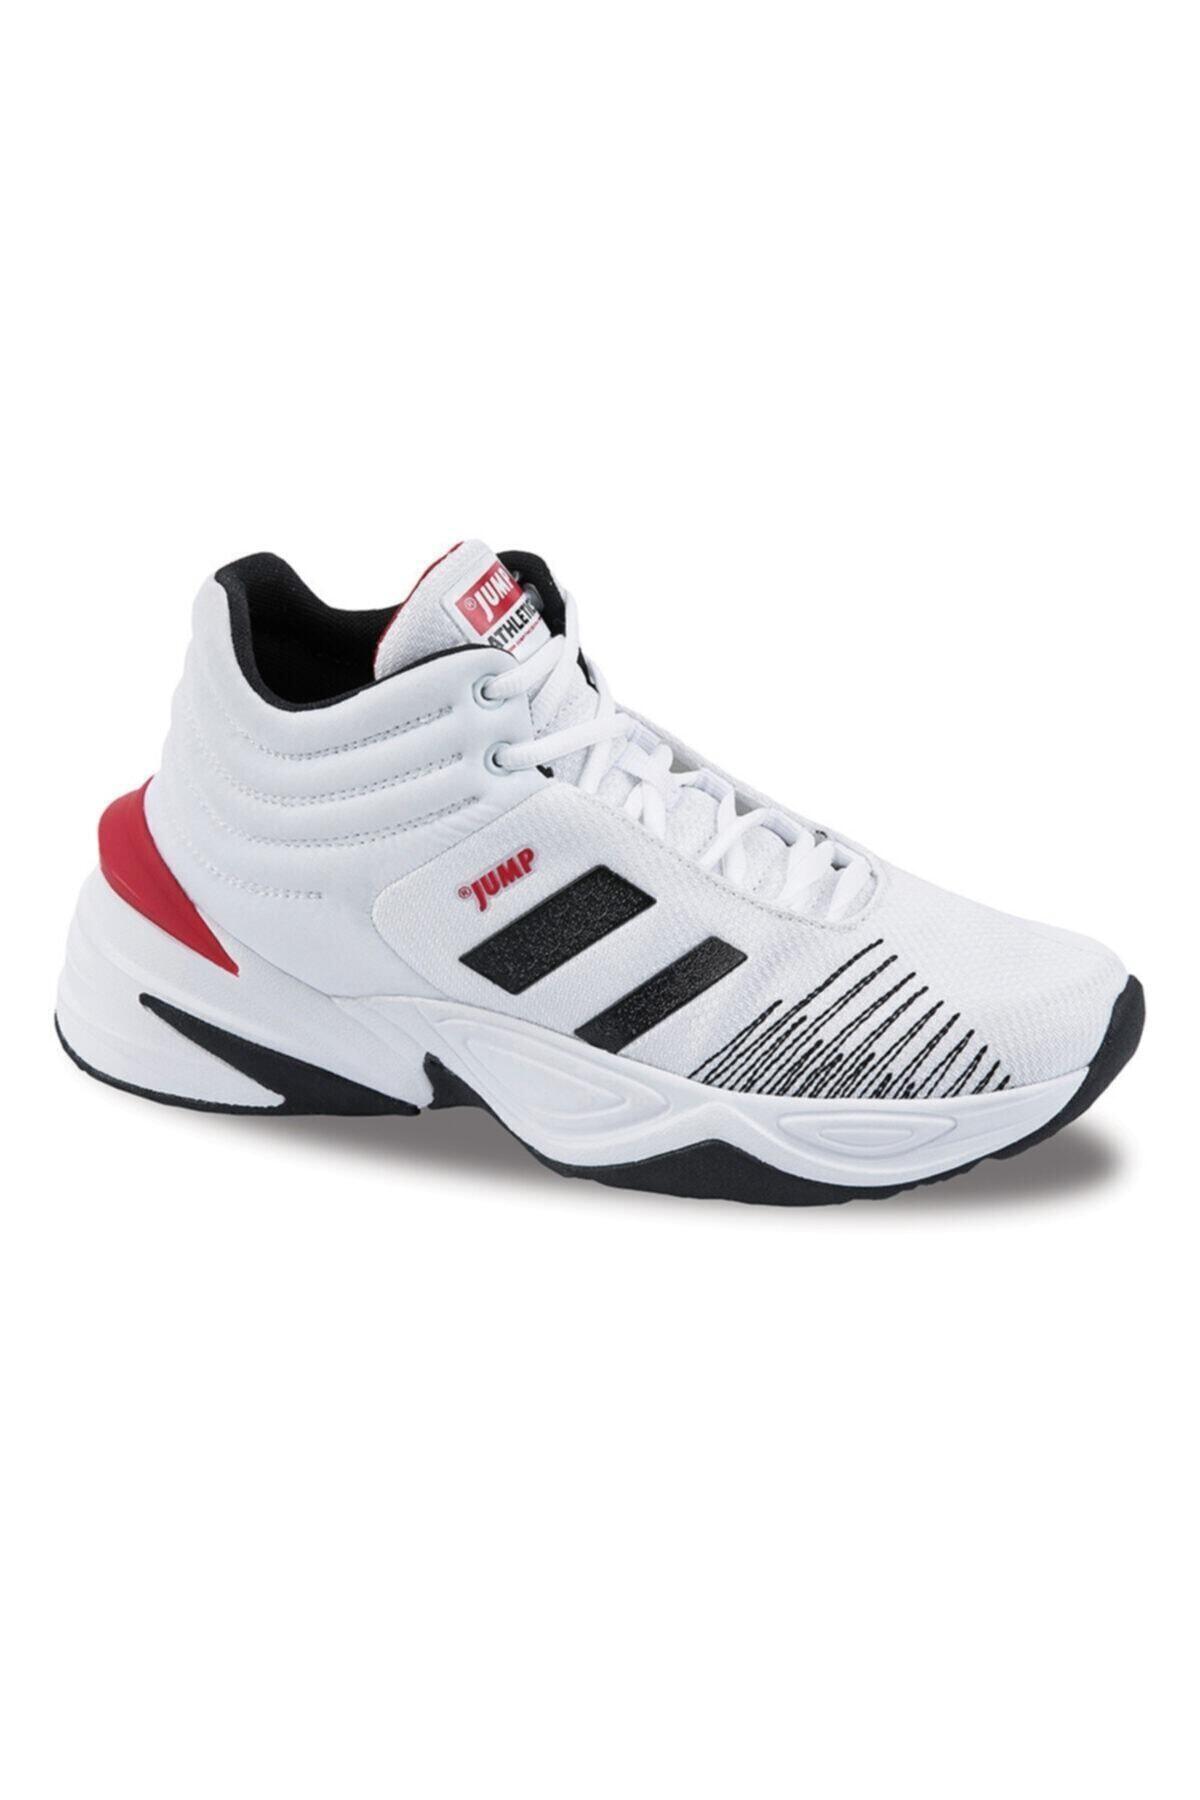 Jump 24774 Günlük Ortopedik Unisex Basketbol Spor Ayakkabısı 1